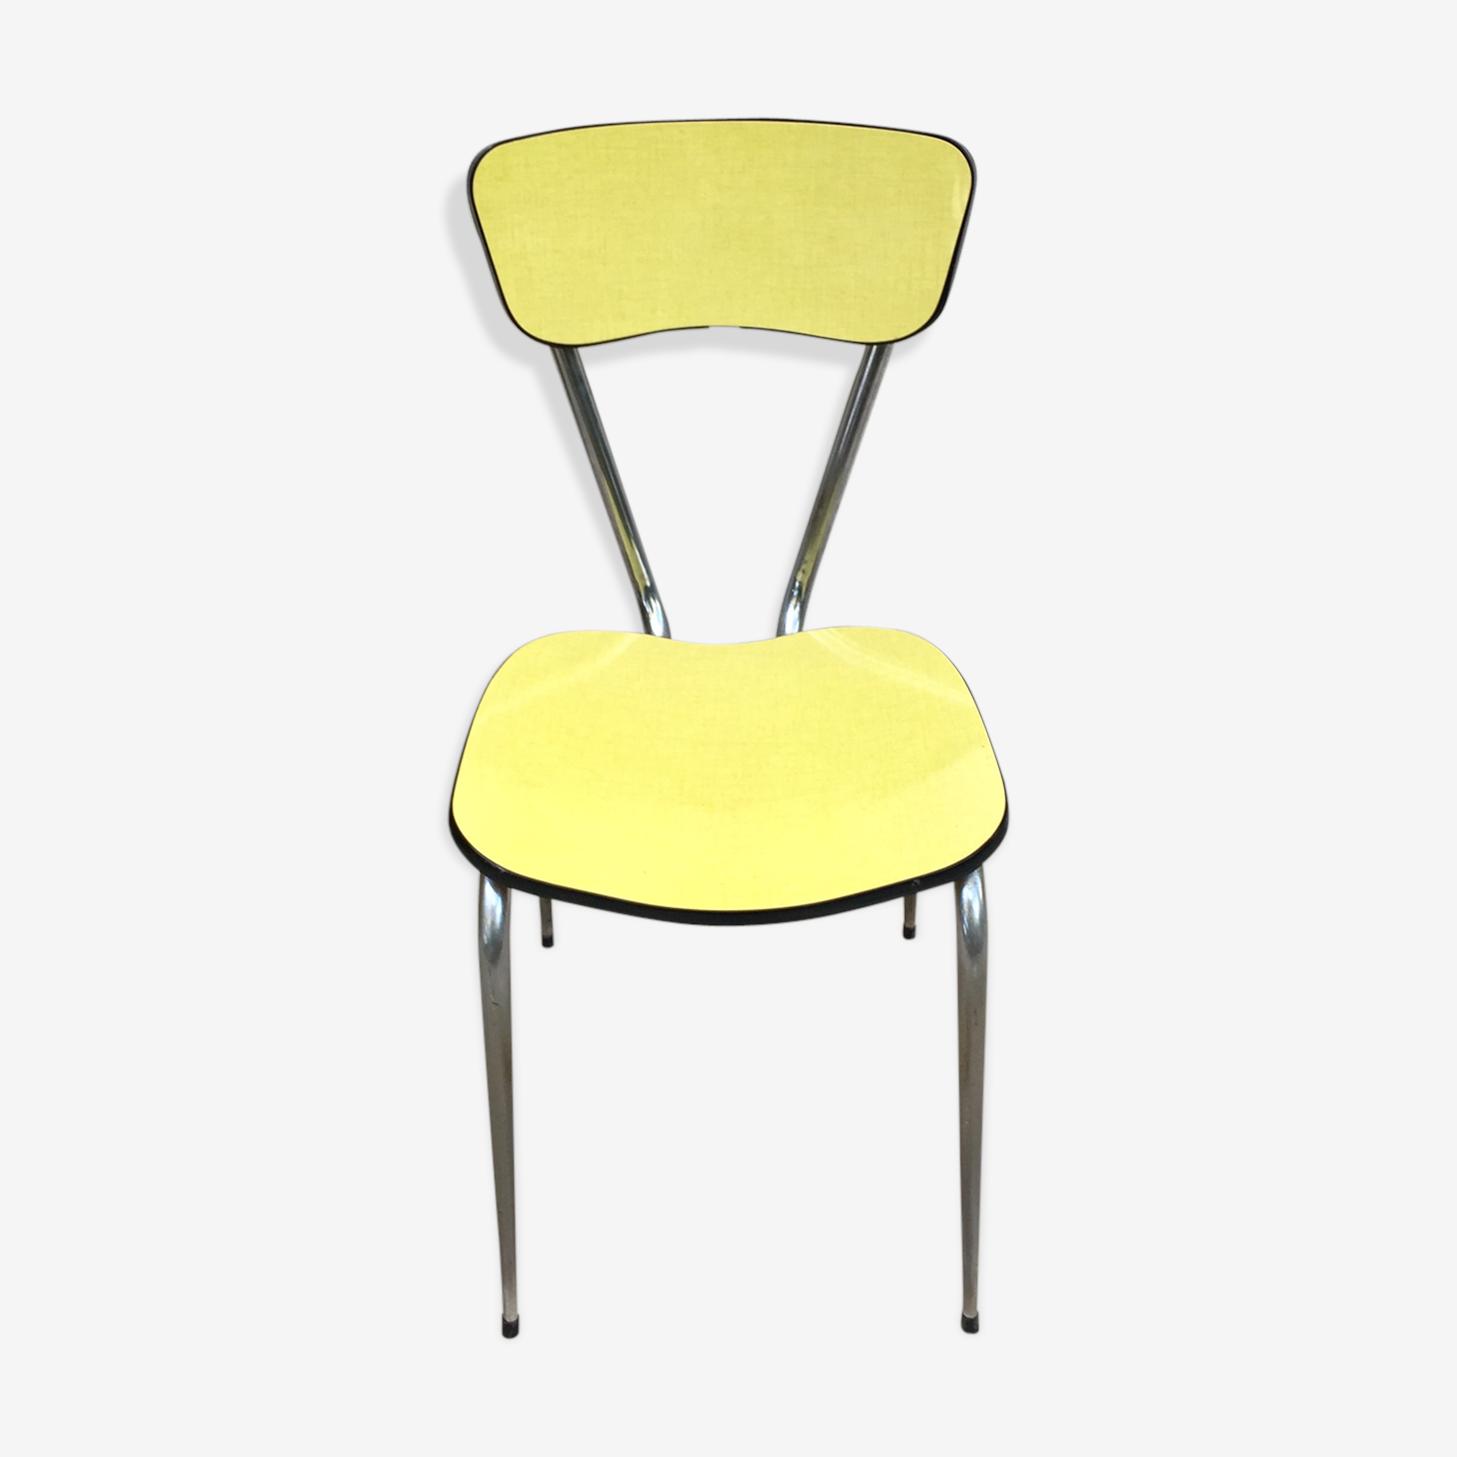 Chaise formica jaune vintage années 60